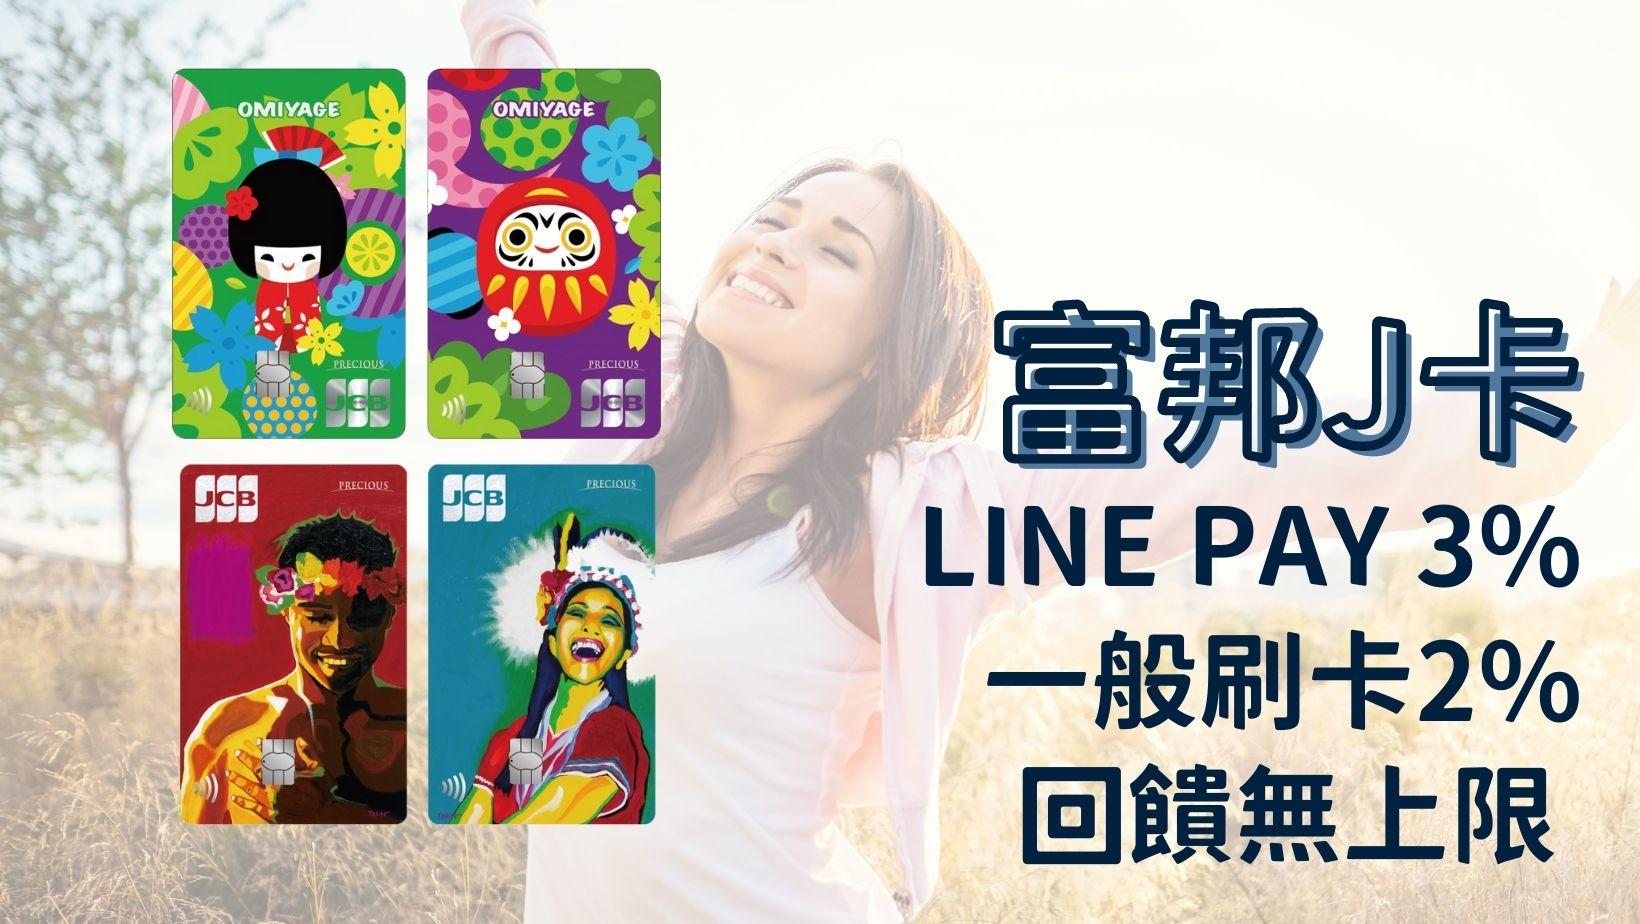 【富邦J卡】2021下半年LINE PAY 3%、一般消費2%回饋無上限 指定通路10%回饋